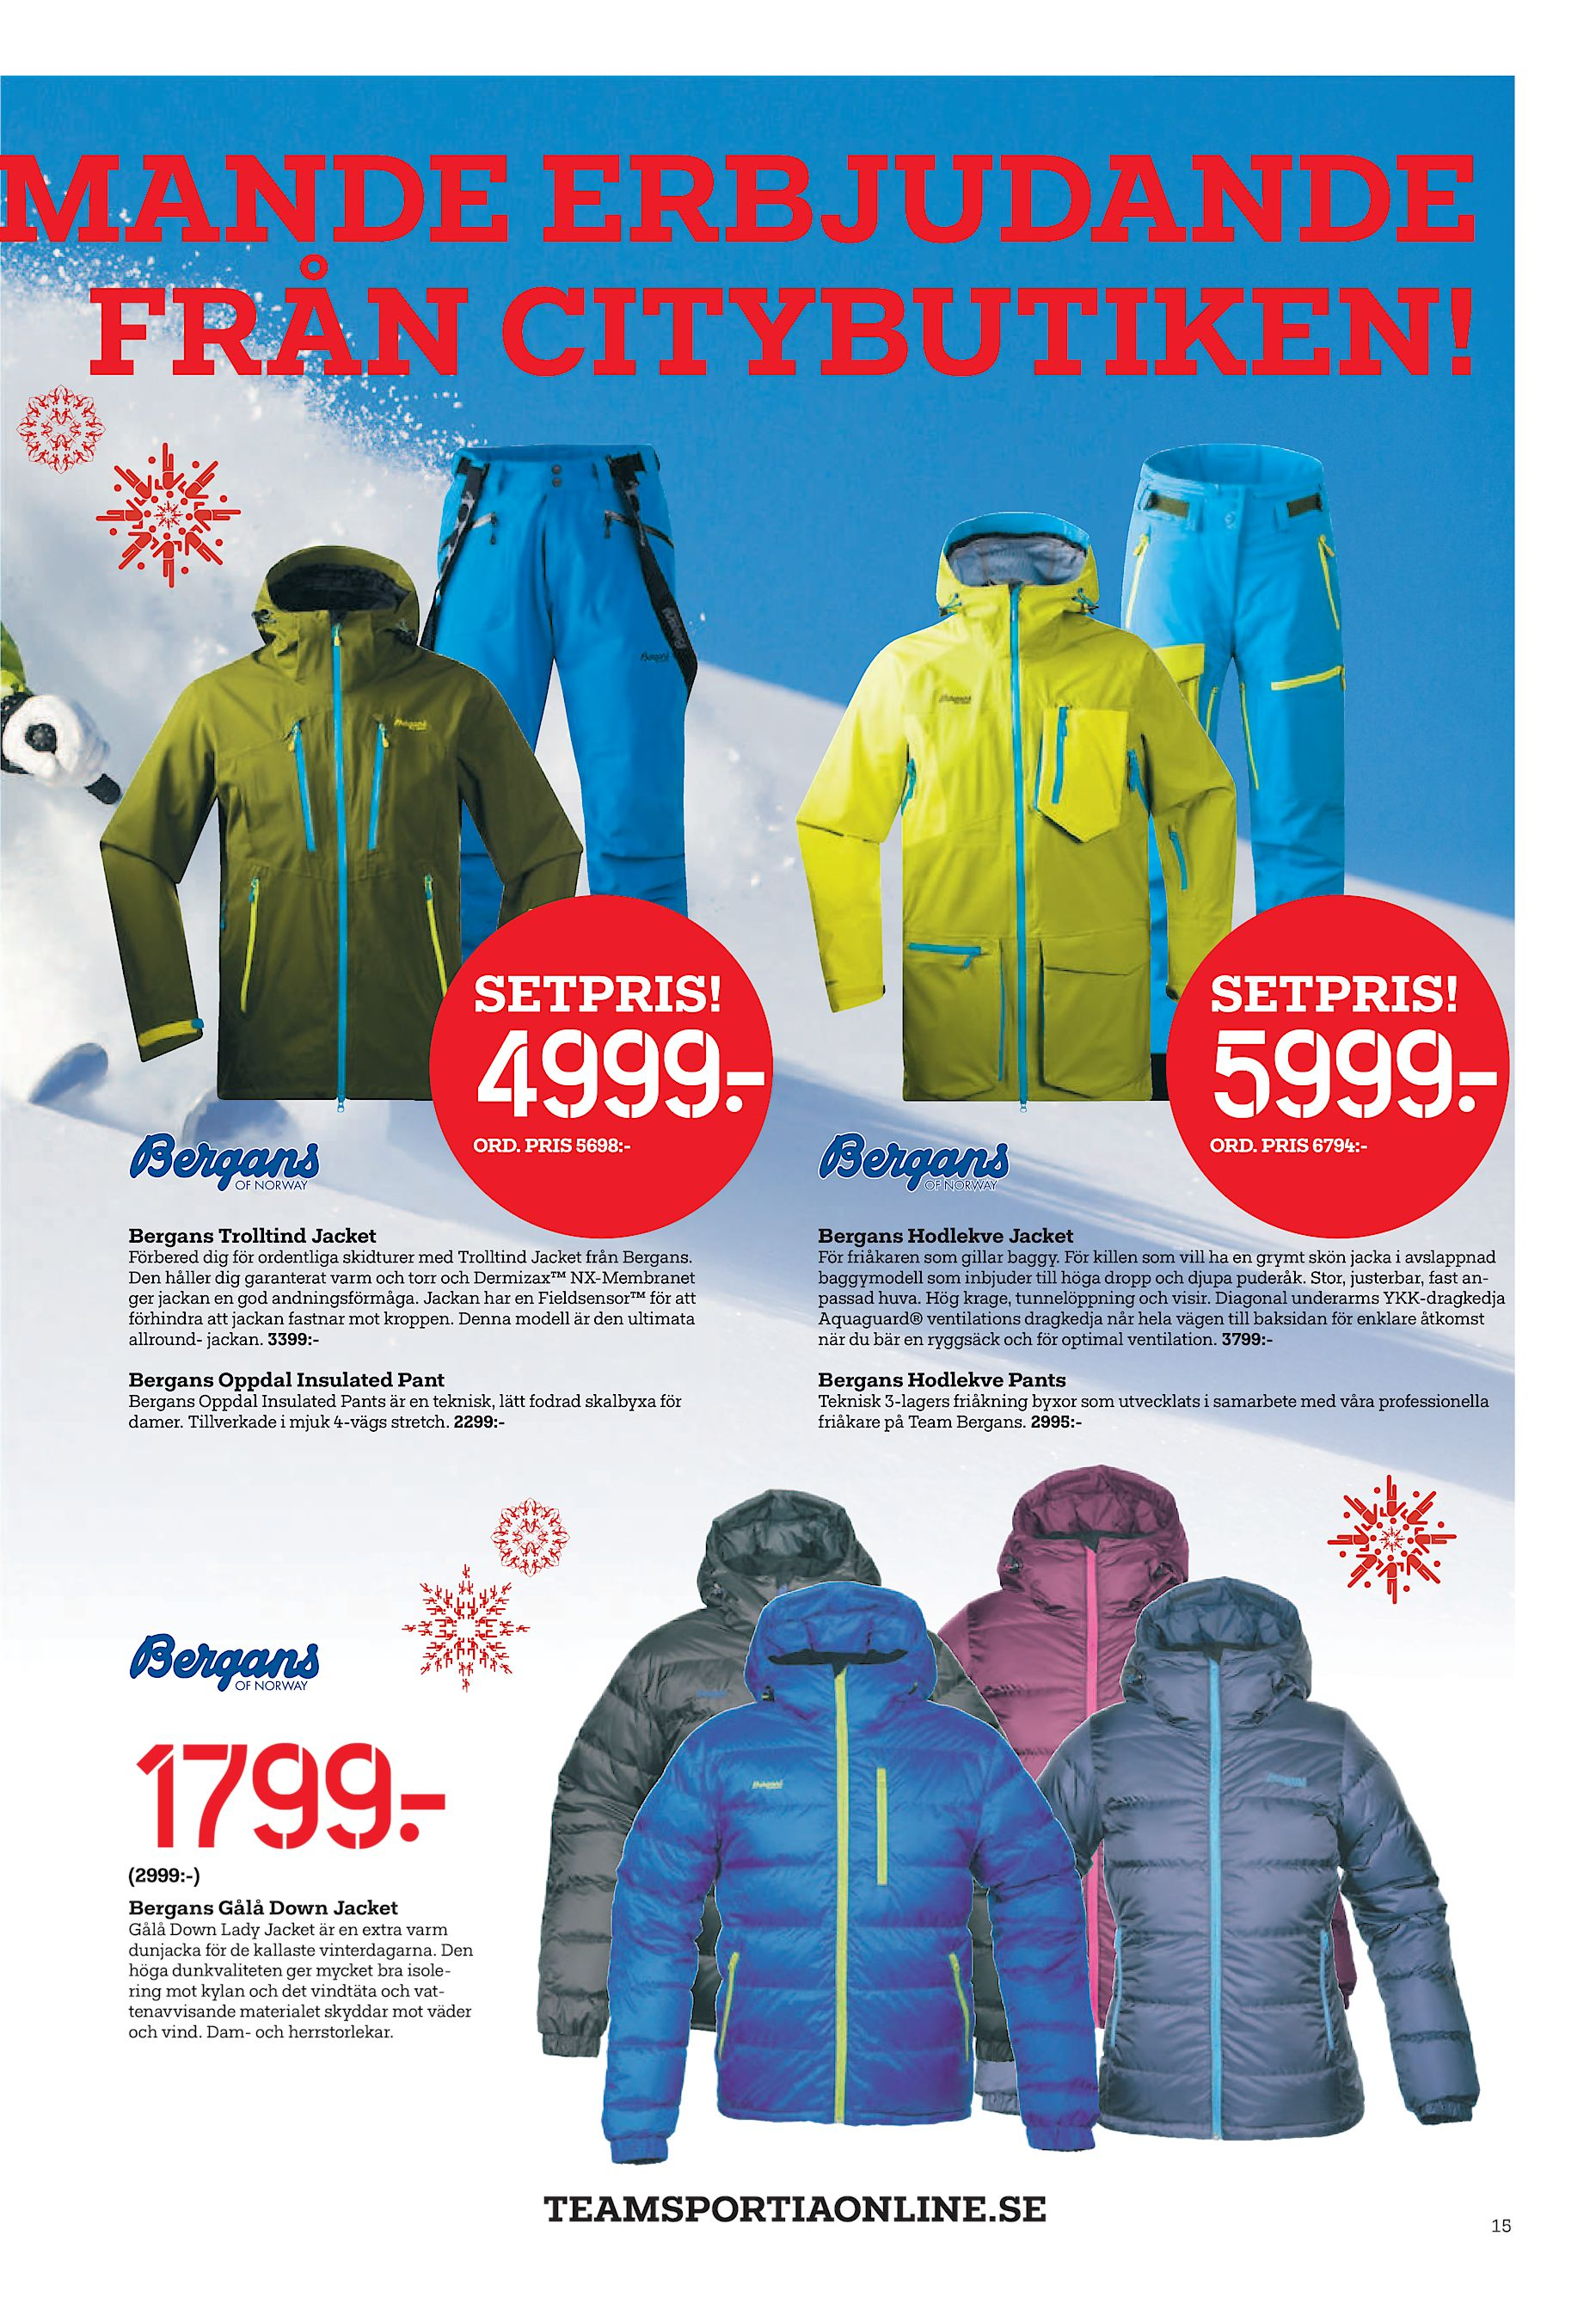 PRIS 5698 - ORD. PRIS 6794 - Bergans Trolltind Jacket Bergans Hodlekve  Jacket Förbered dig för ordentliga skidturer med Trolltind Jacket från  Bergans. c0cee5c04f5f4